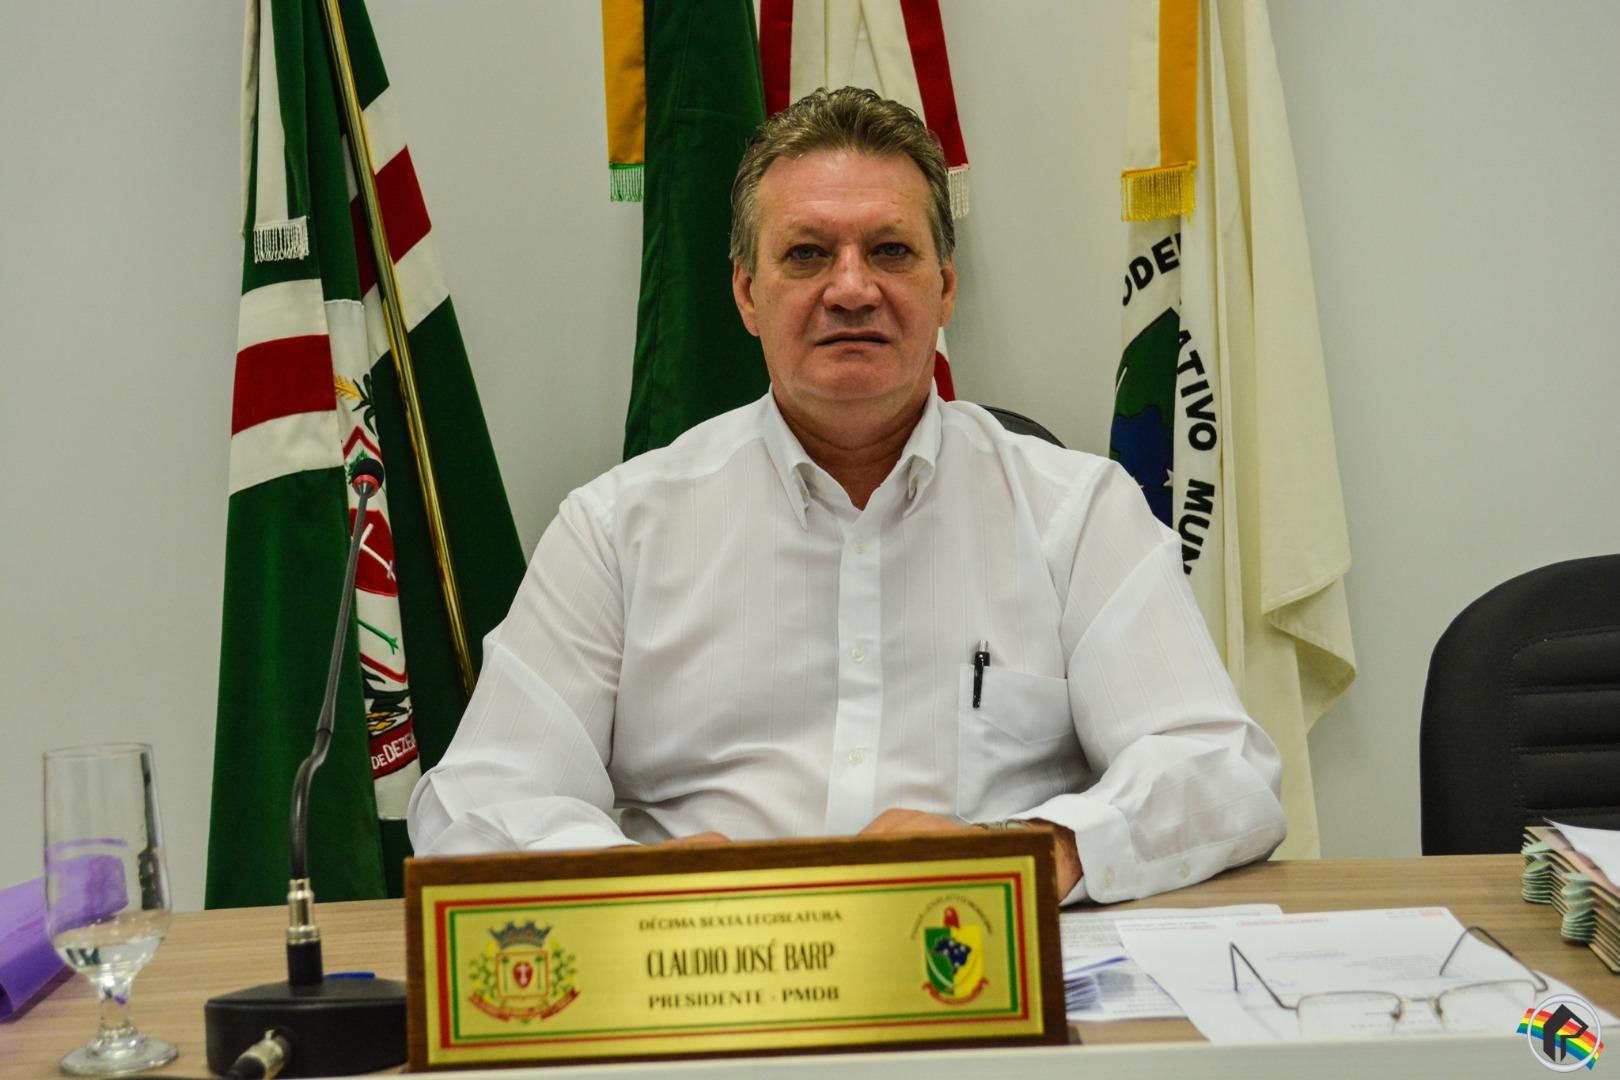 Vereador pede que prefeitura disponibilize terrenos para construções populares